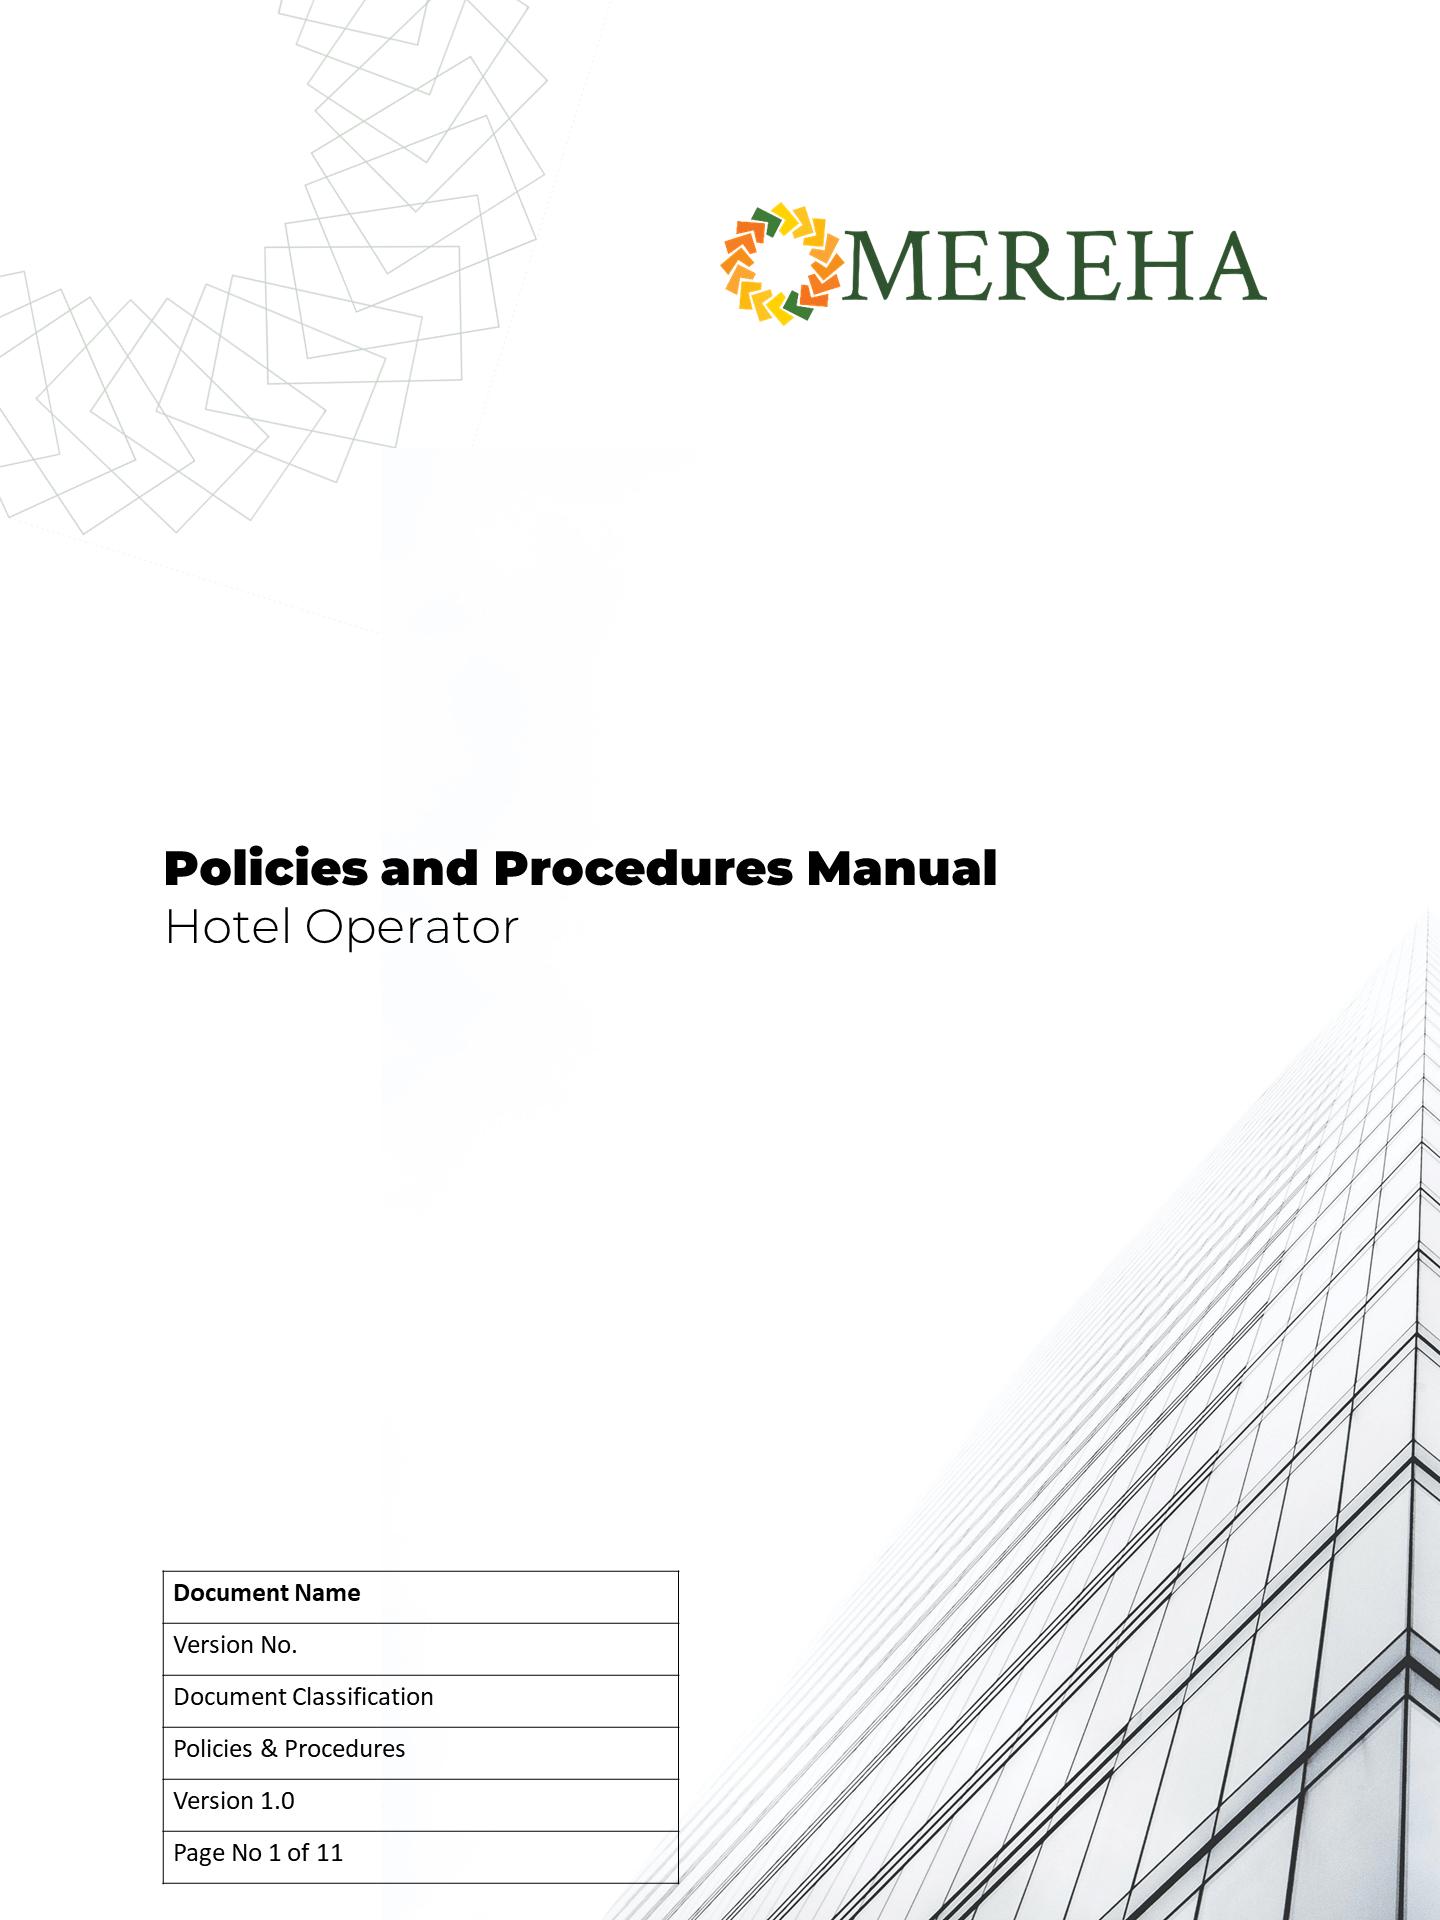 Policies&Procedures